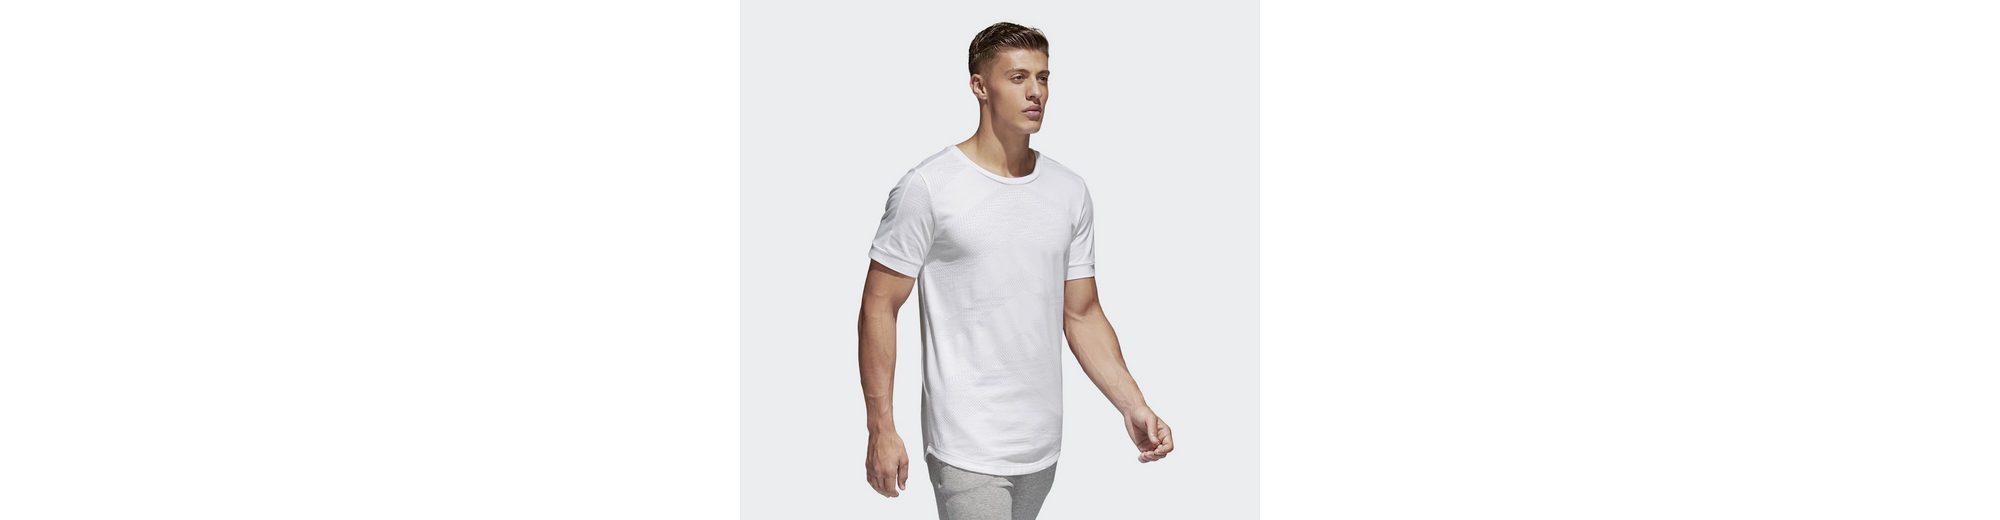 adidas Performance T-Shirt ID Chevron T-Shirt Sammlungen Amazon Footaction Empfehlen Billig Wirklich Für Schön pz6BGDG